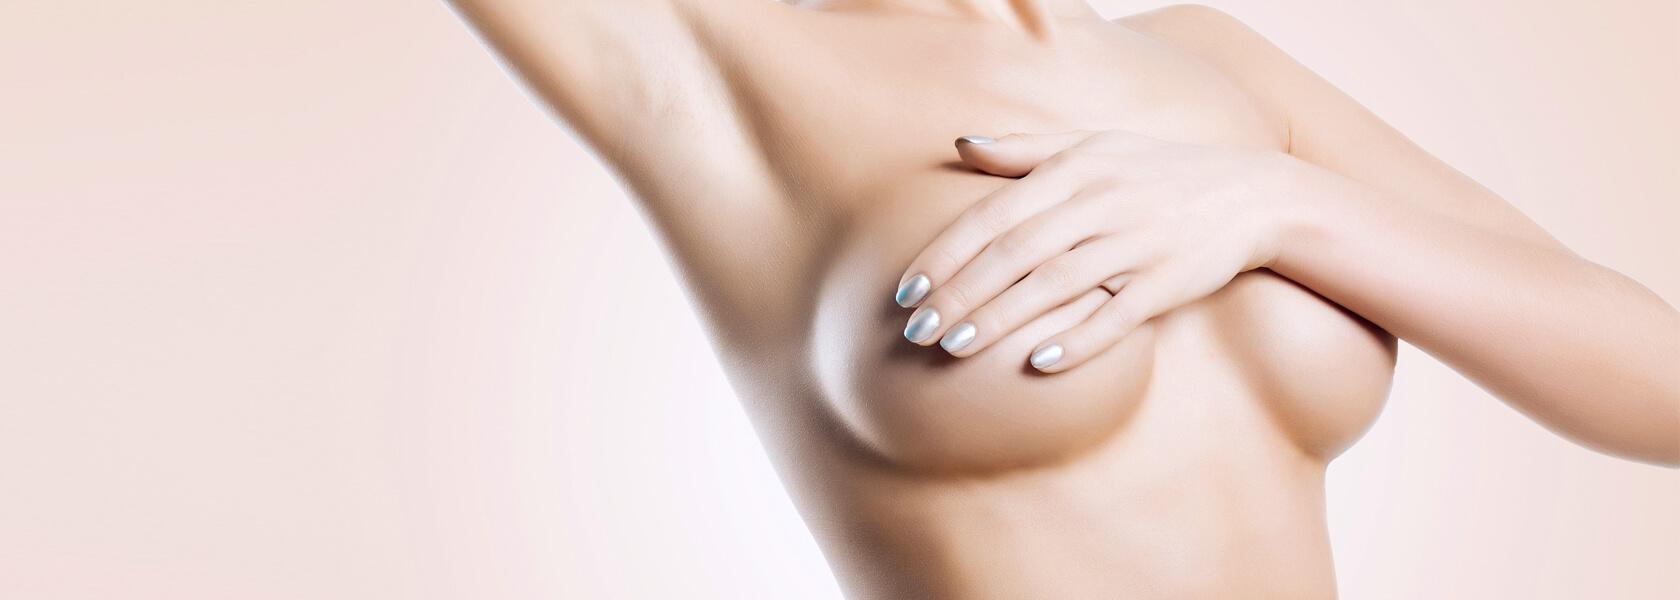 Plastischer Chirurg Linz Brustvergrößerung, Dr. Koller Plastische Chirurgie, brustvergrößerung